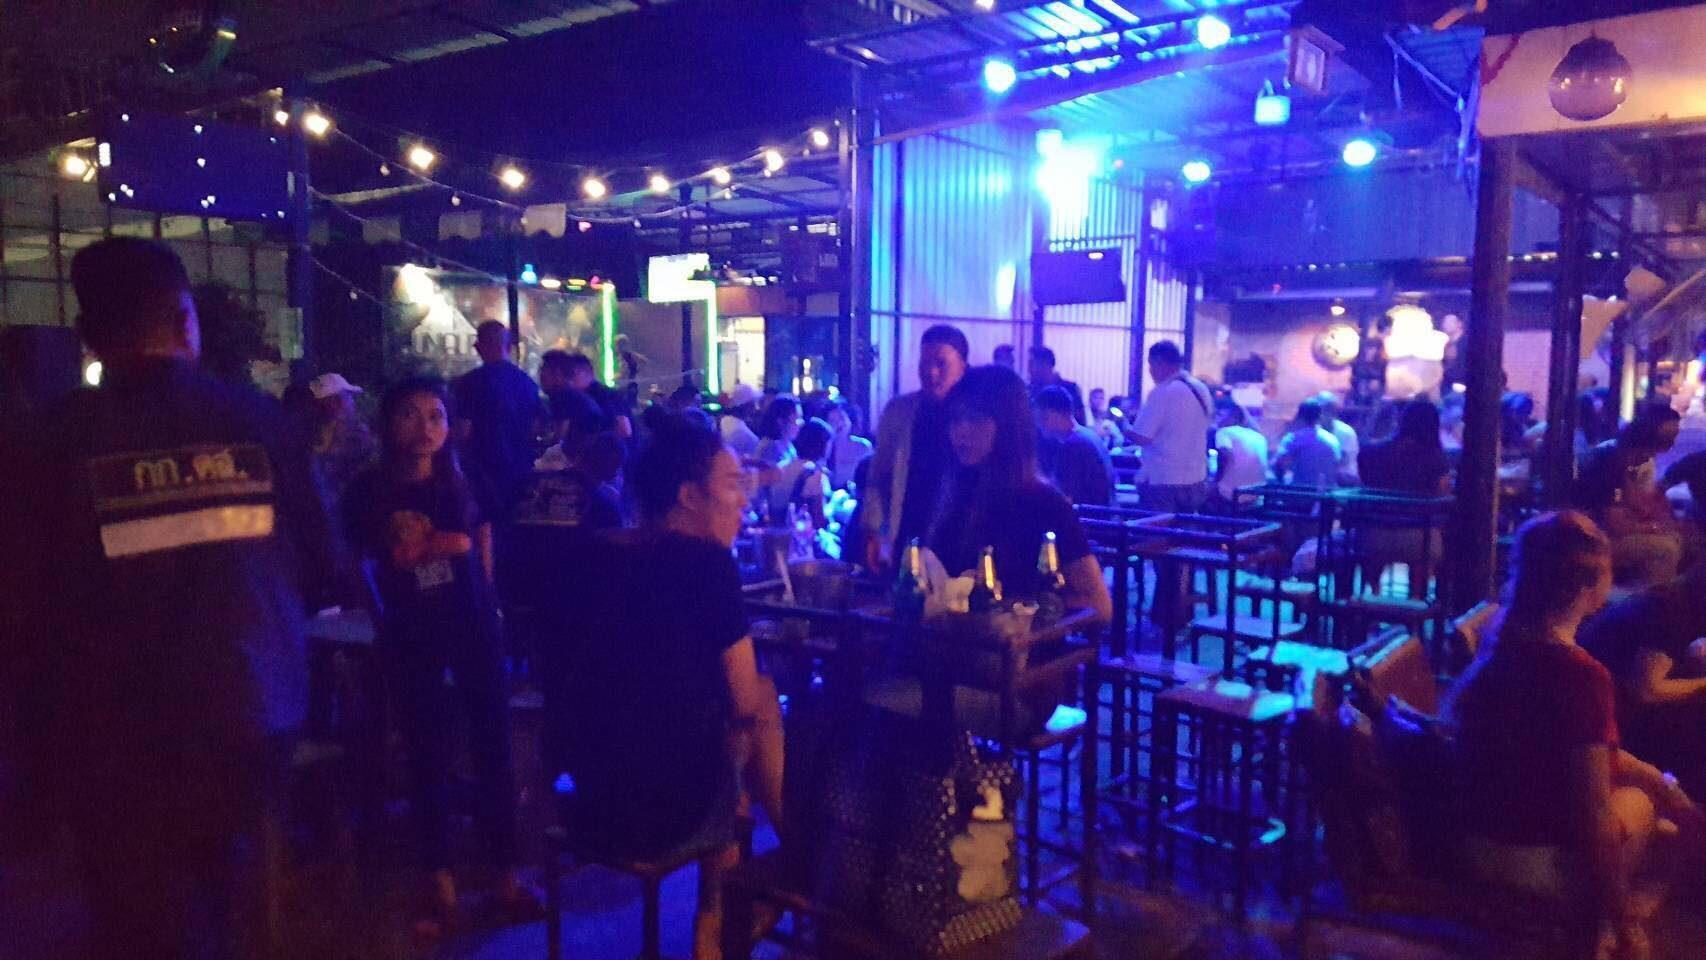 """ลุ้นจันทร์ 29 มิ.ย. """"ศบค.""""เคาะเฟส5 เปิดธุรกิจกลางคืน-นักธุรกิจต่างชาติเข้าไทย"""